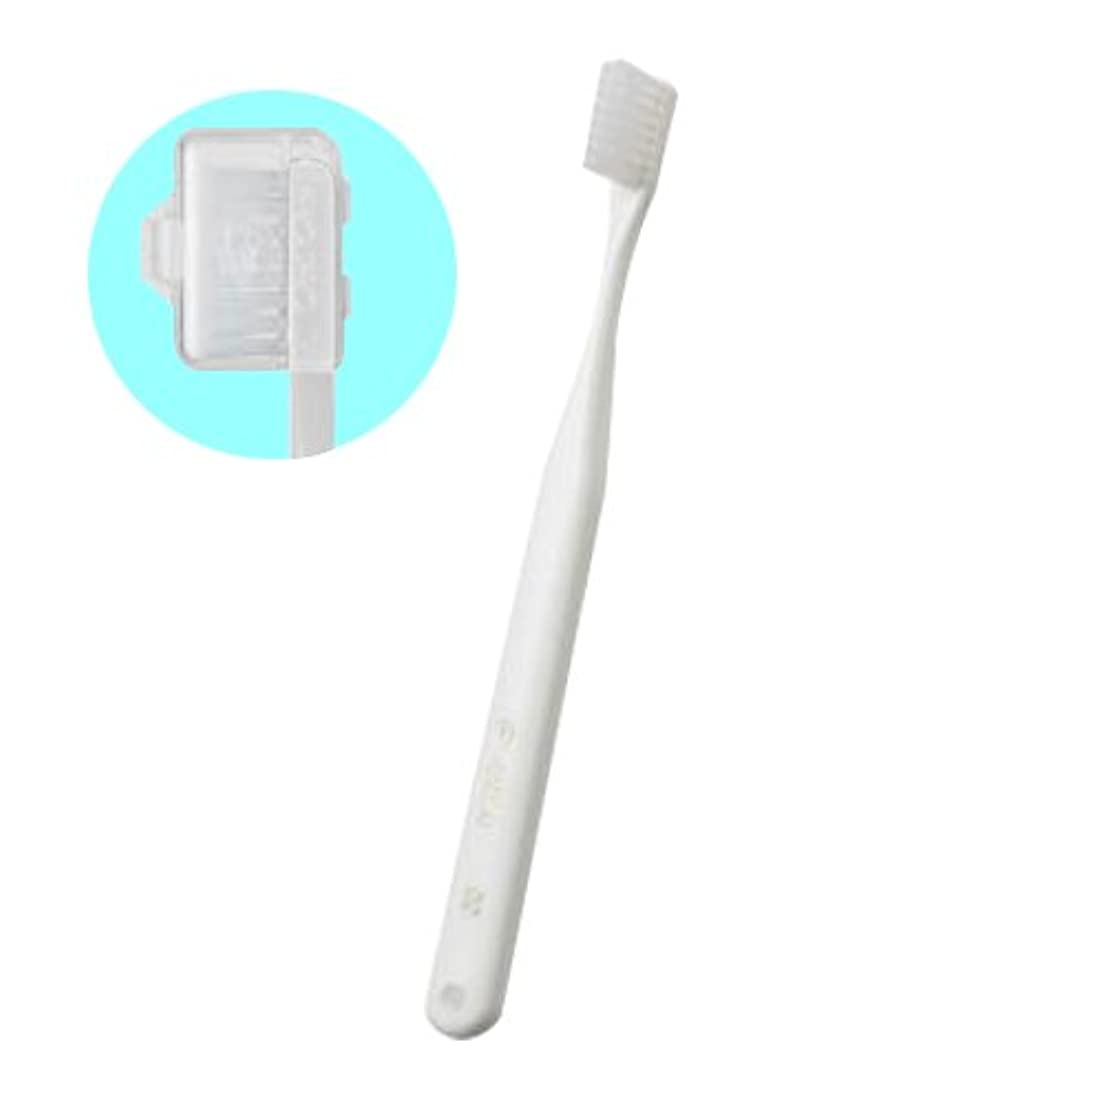 脚本家消化教育オーラルケア キャップ付き タフト 24 歯ブラシ エクストラスーパーソフト 1本 (ホワイト)